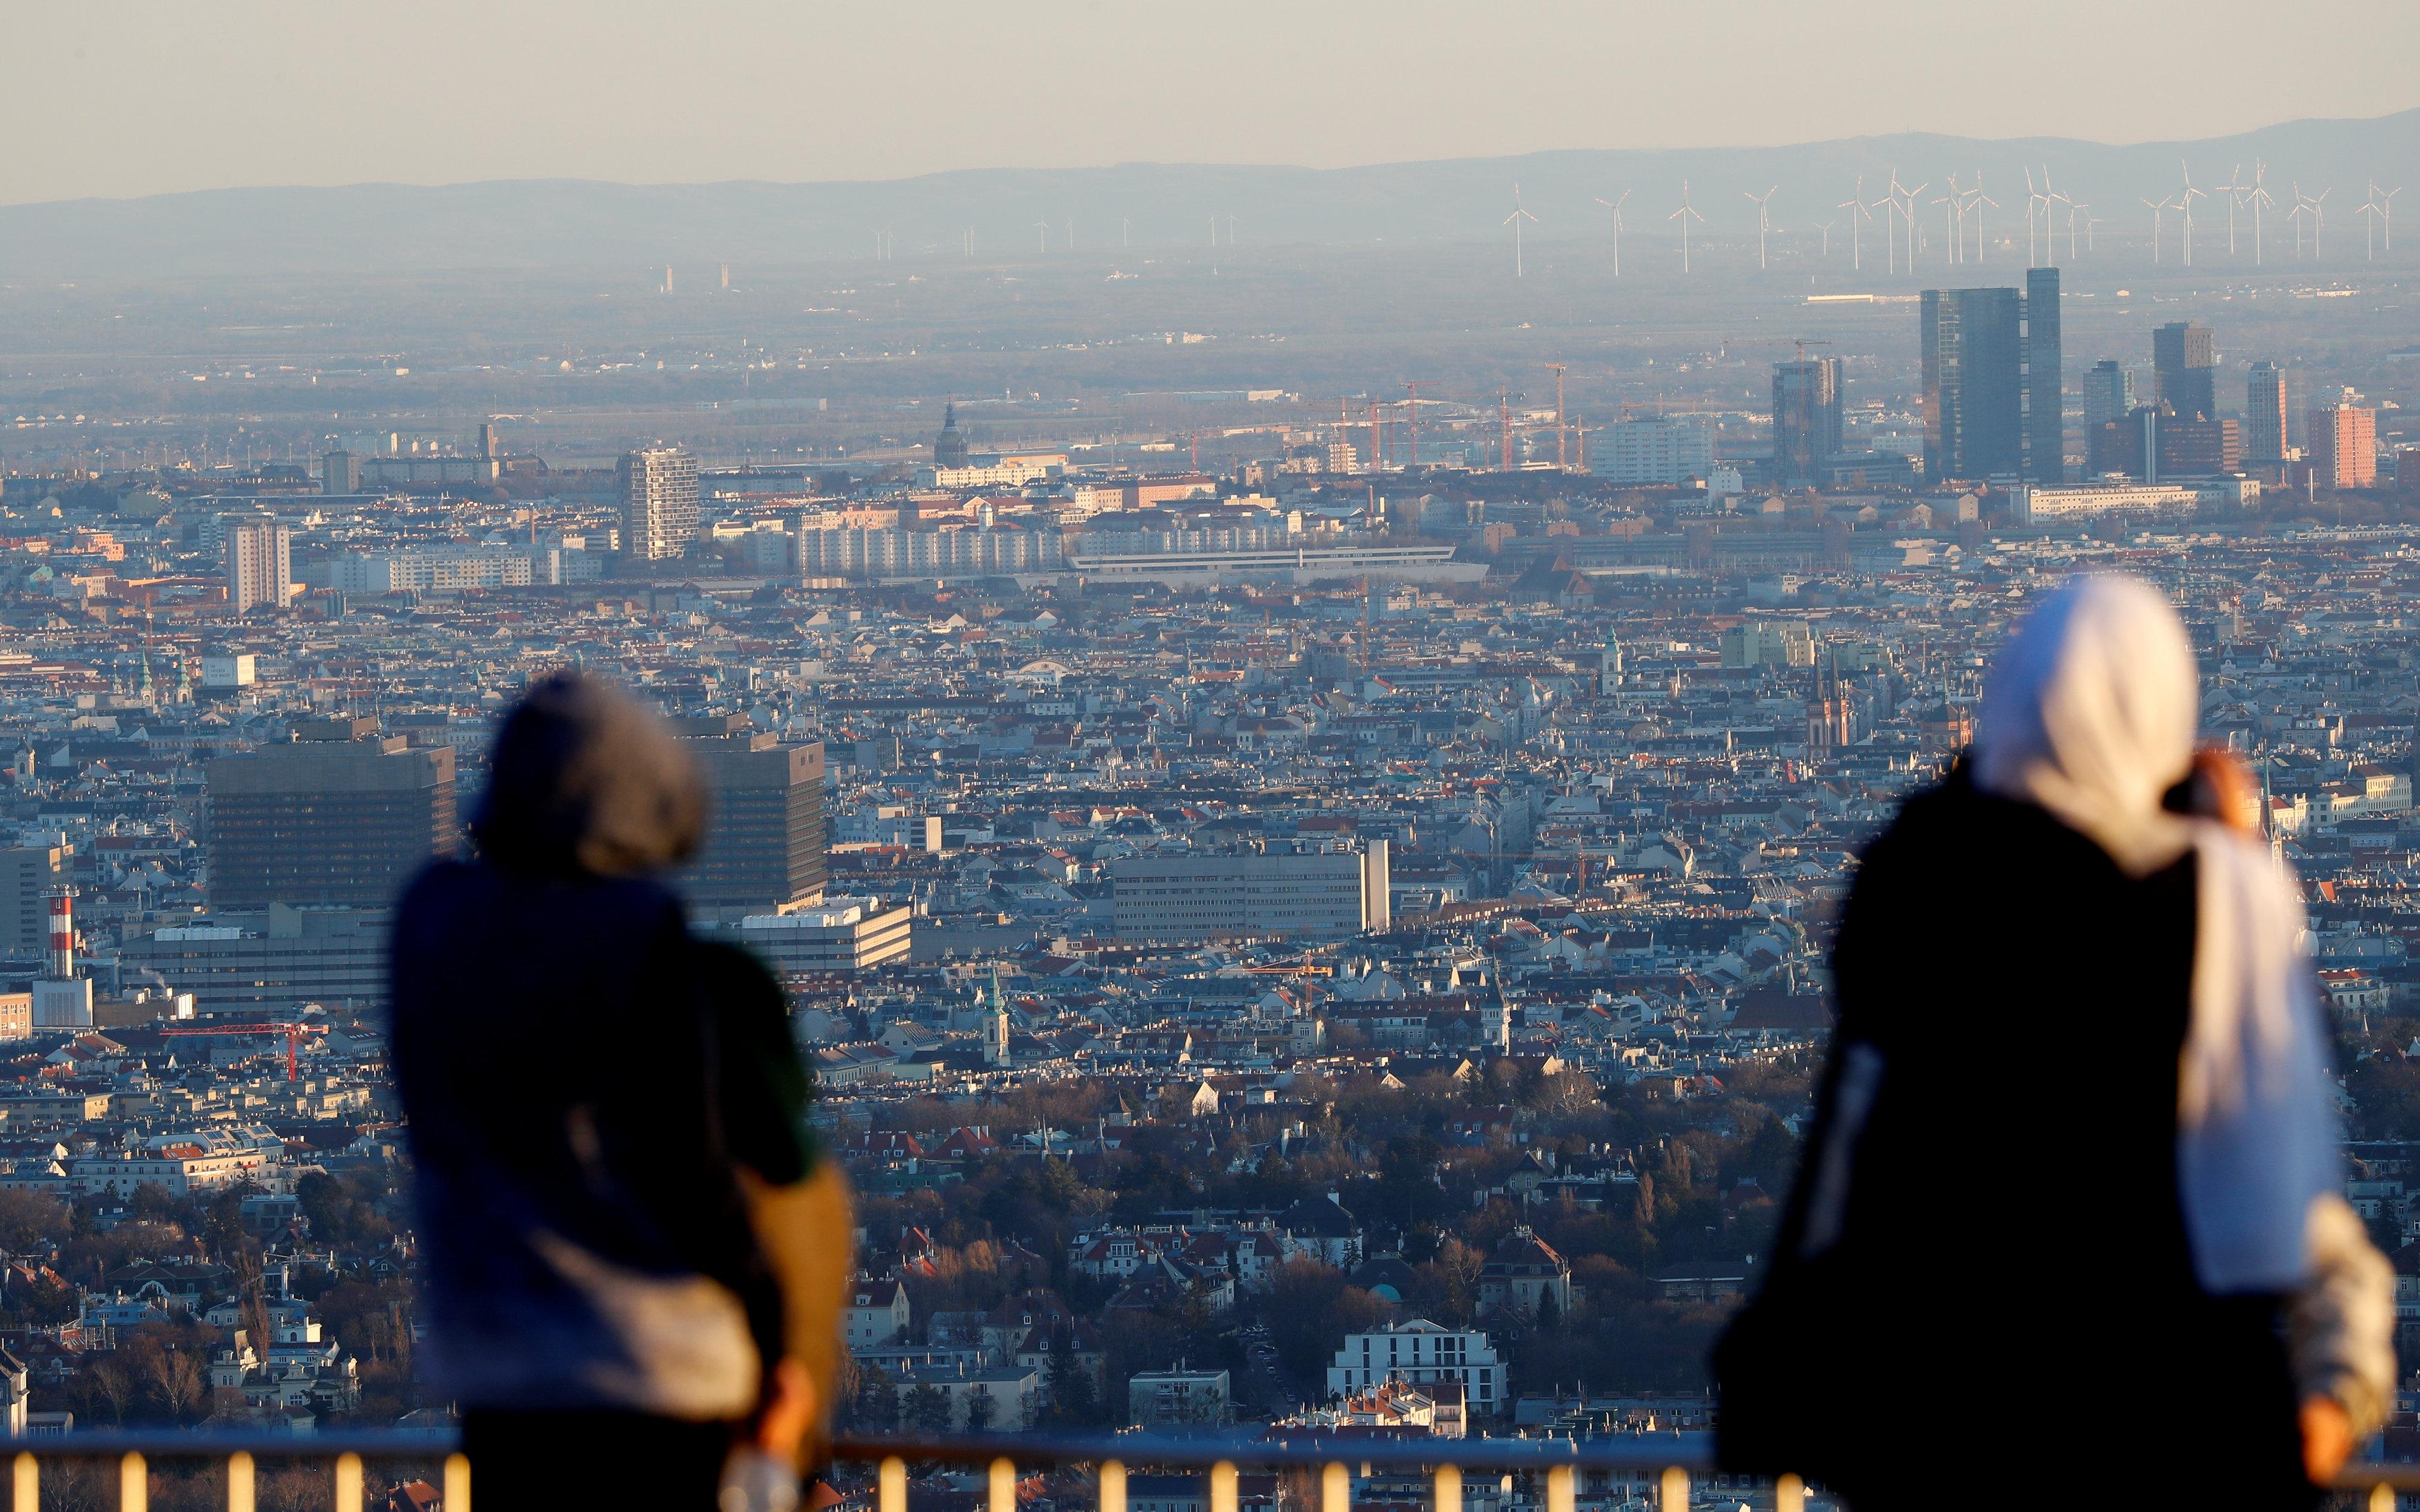 فيينا أحد المدن السياحية الهامة فى العالم